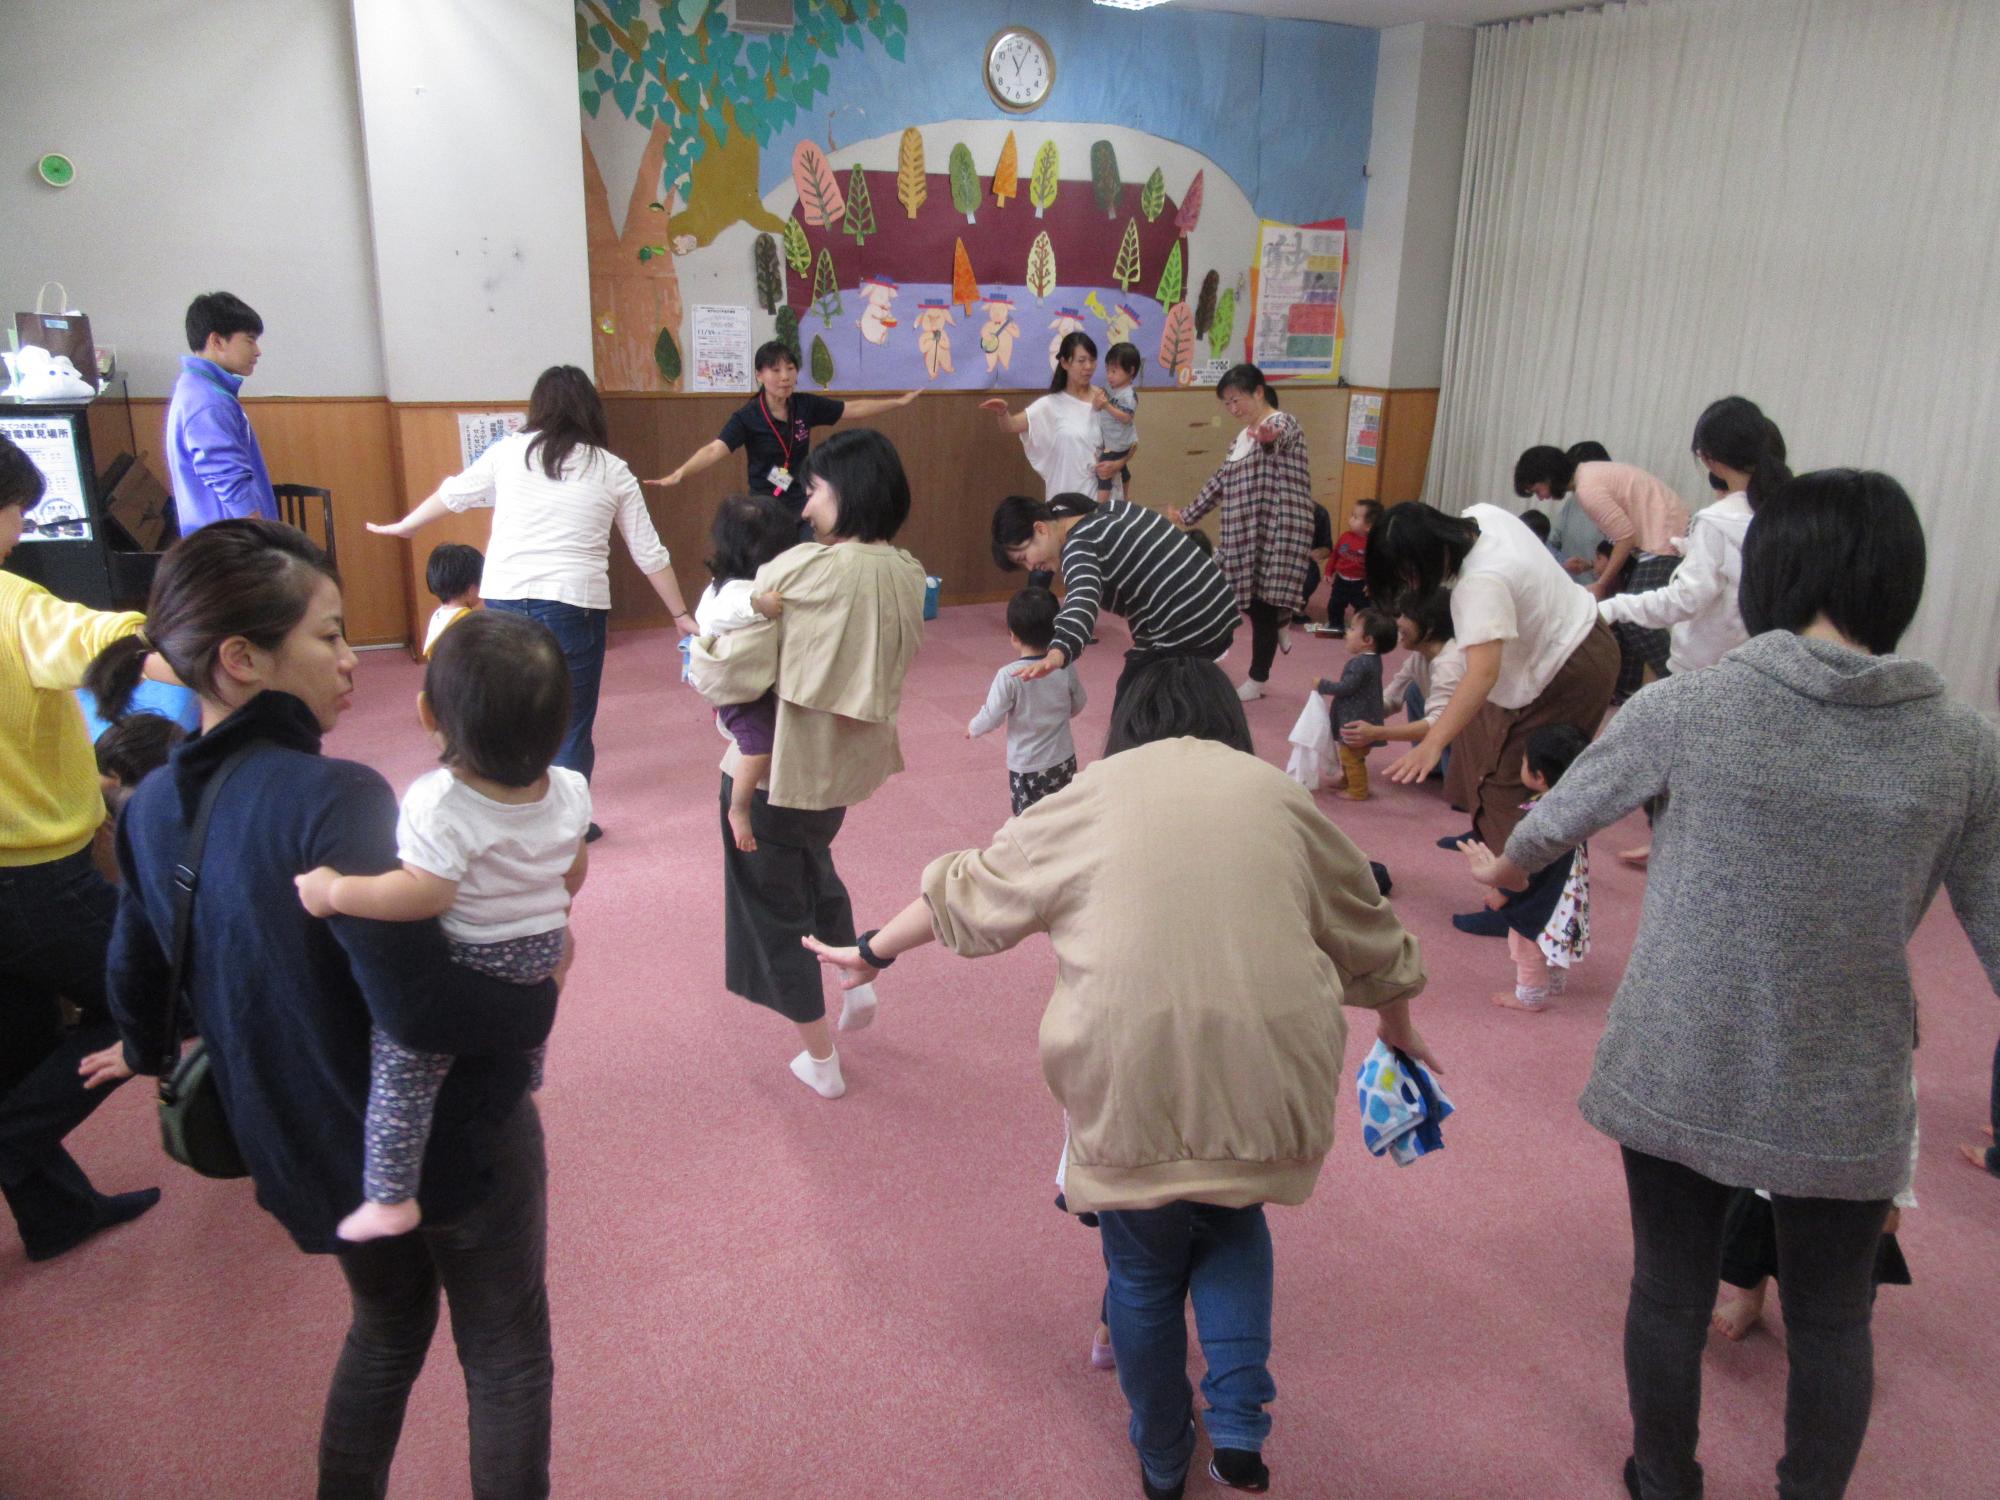 神戸市立六甲道児童館「そよかぜひろば(1歳児さん向けですが誰でも参加OK!)」